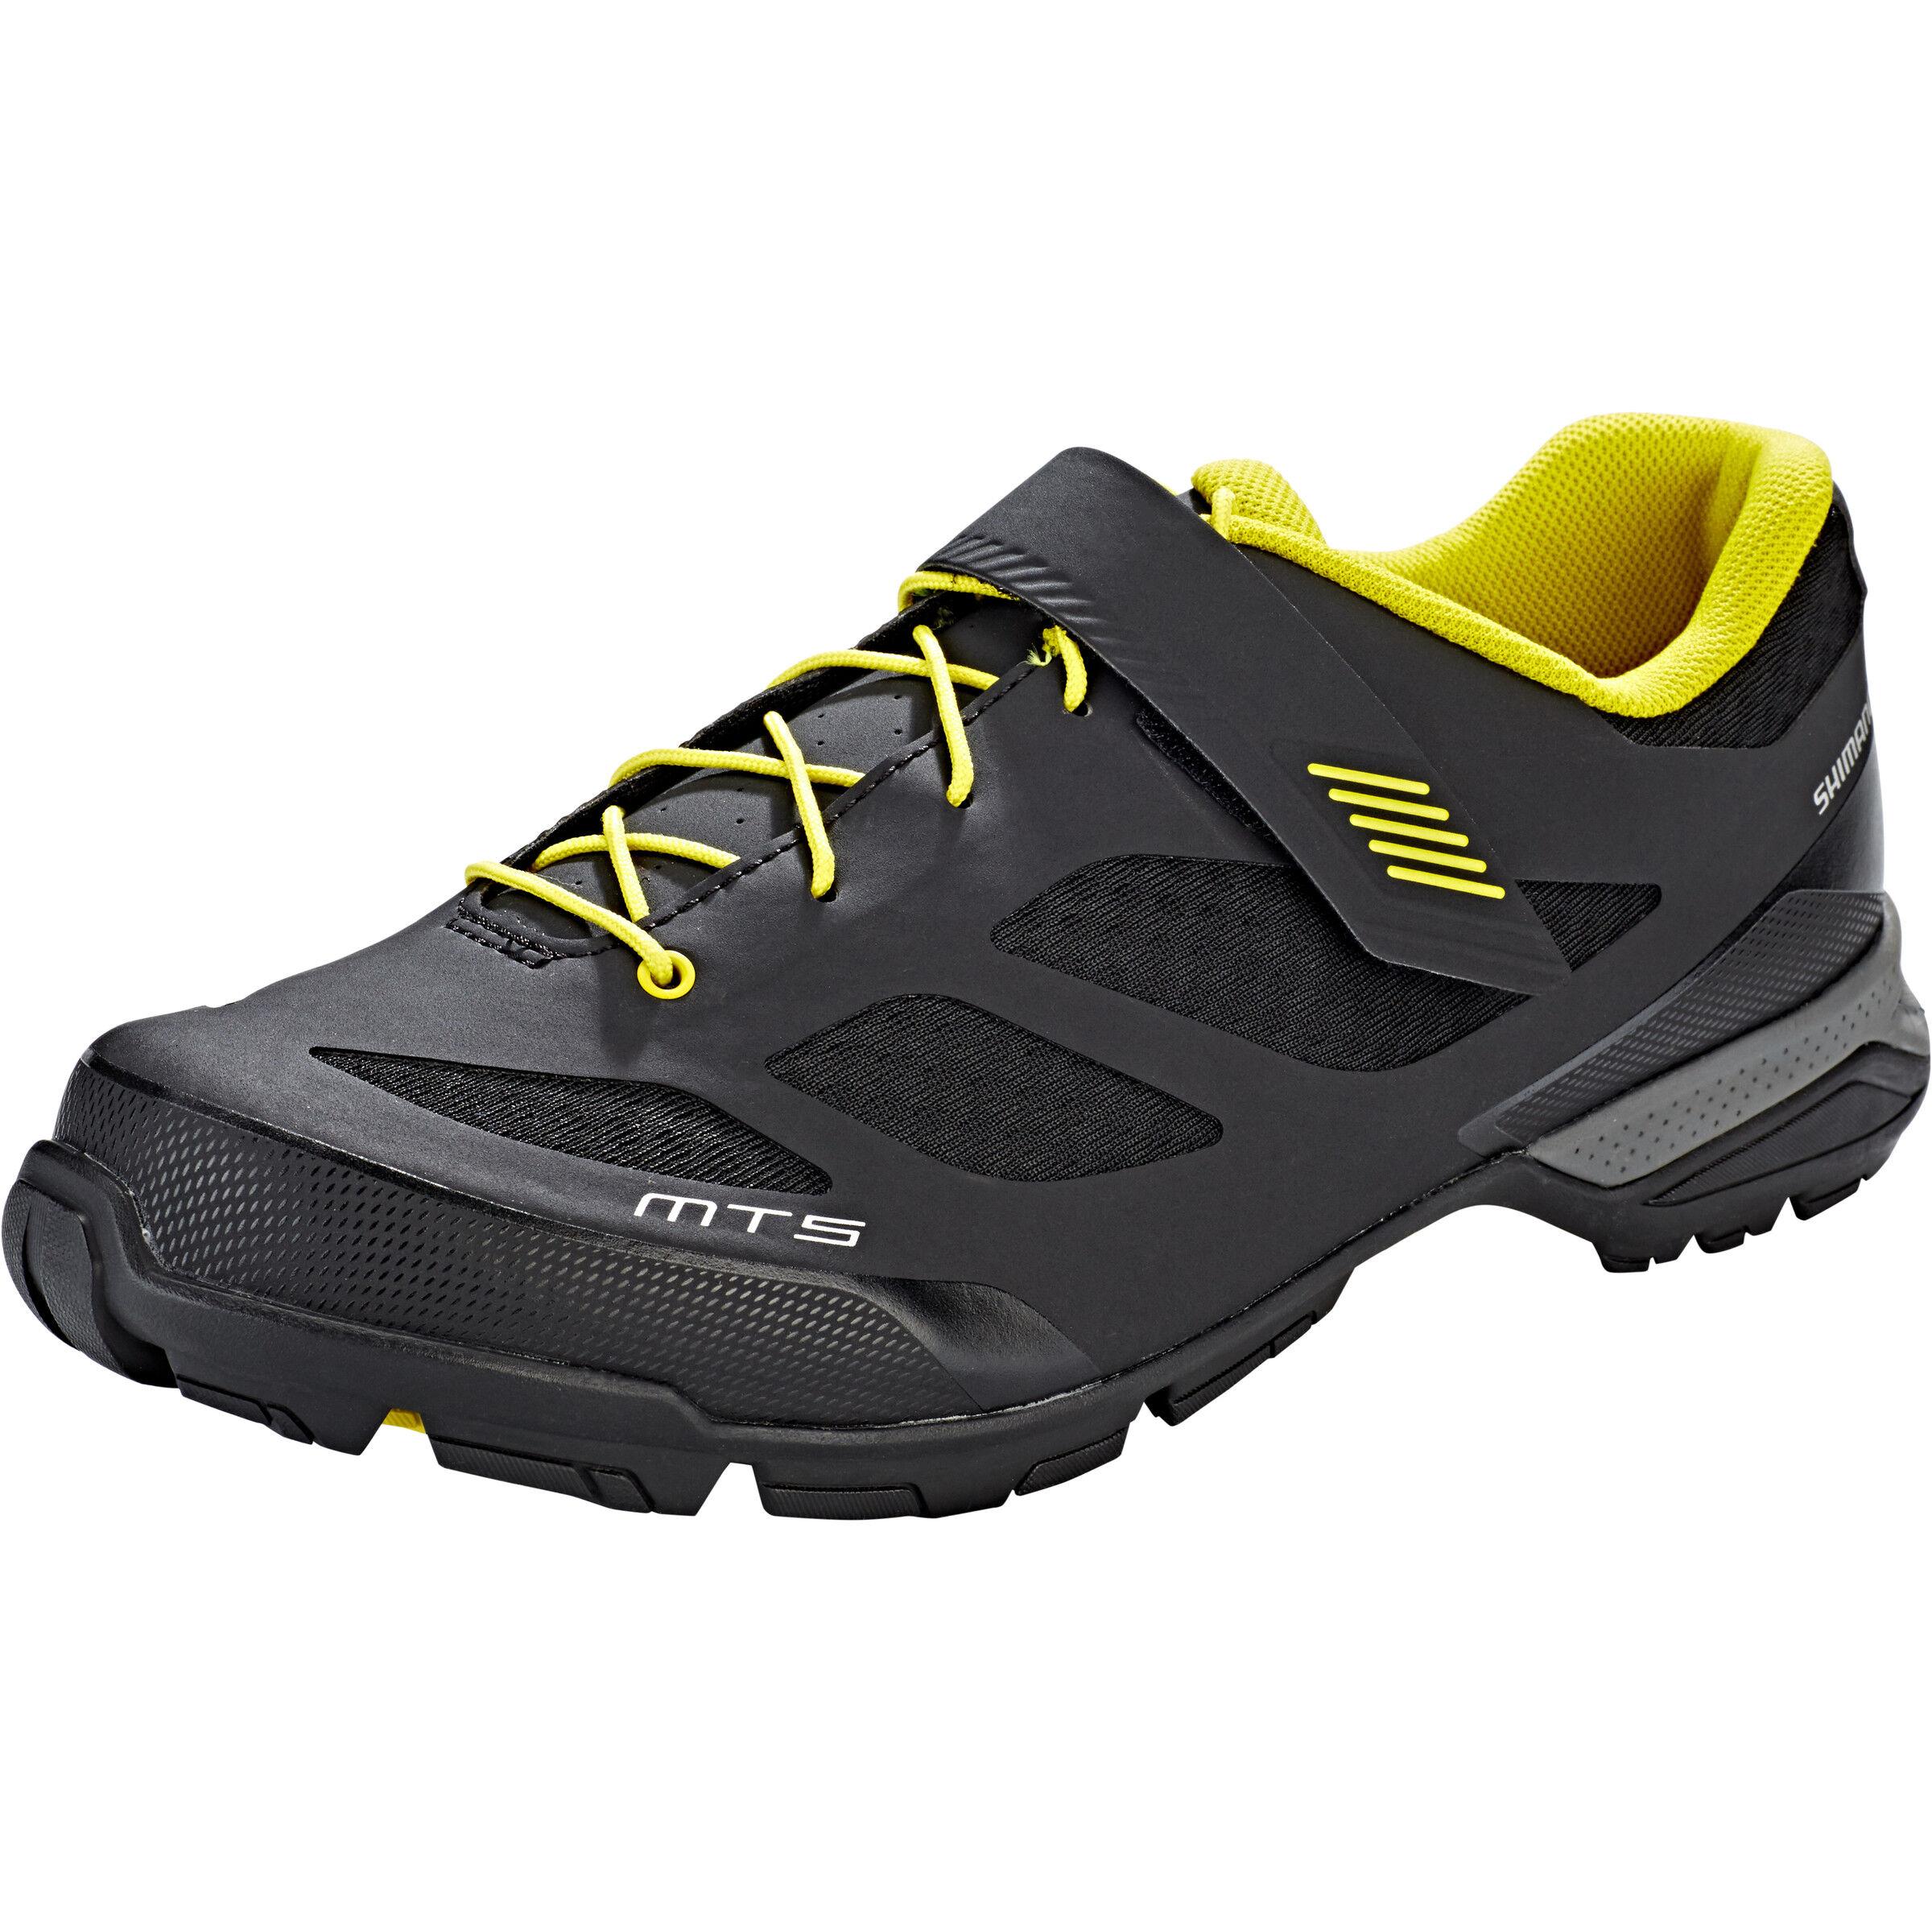 MTB Schuhe | Neue Modelle für Damen & Herren |